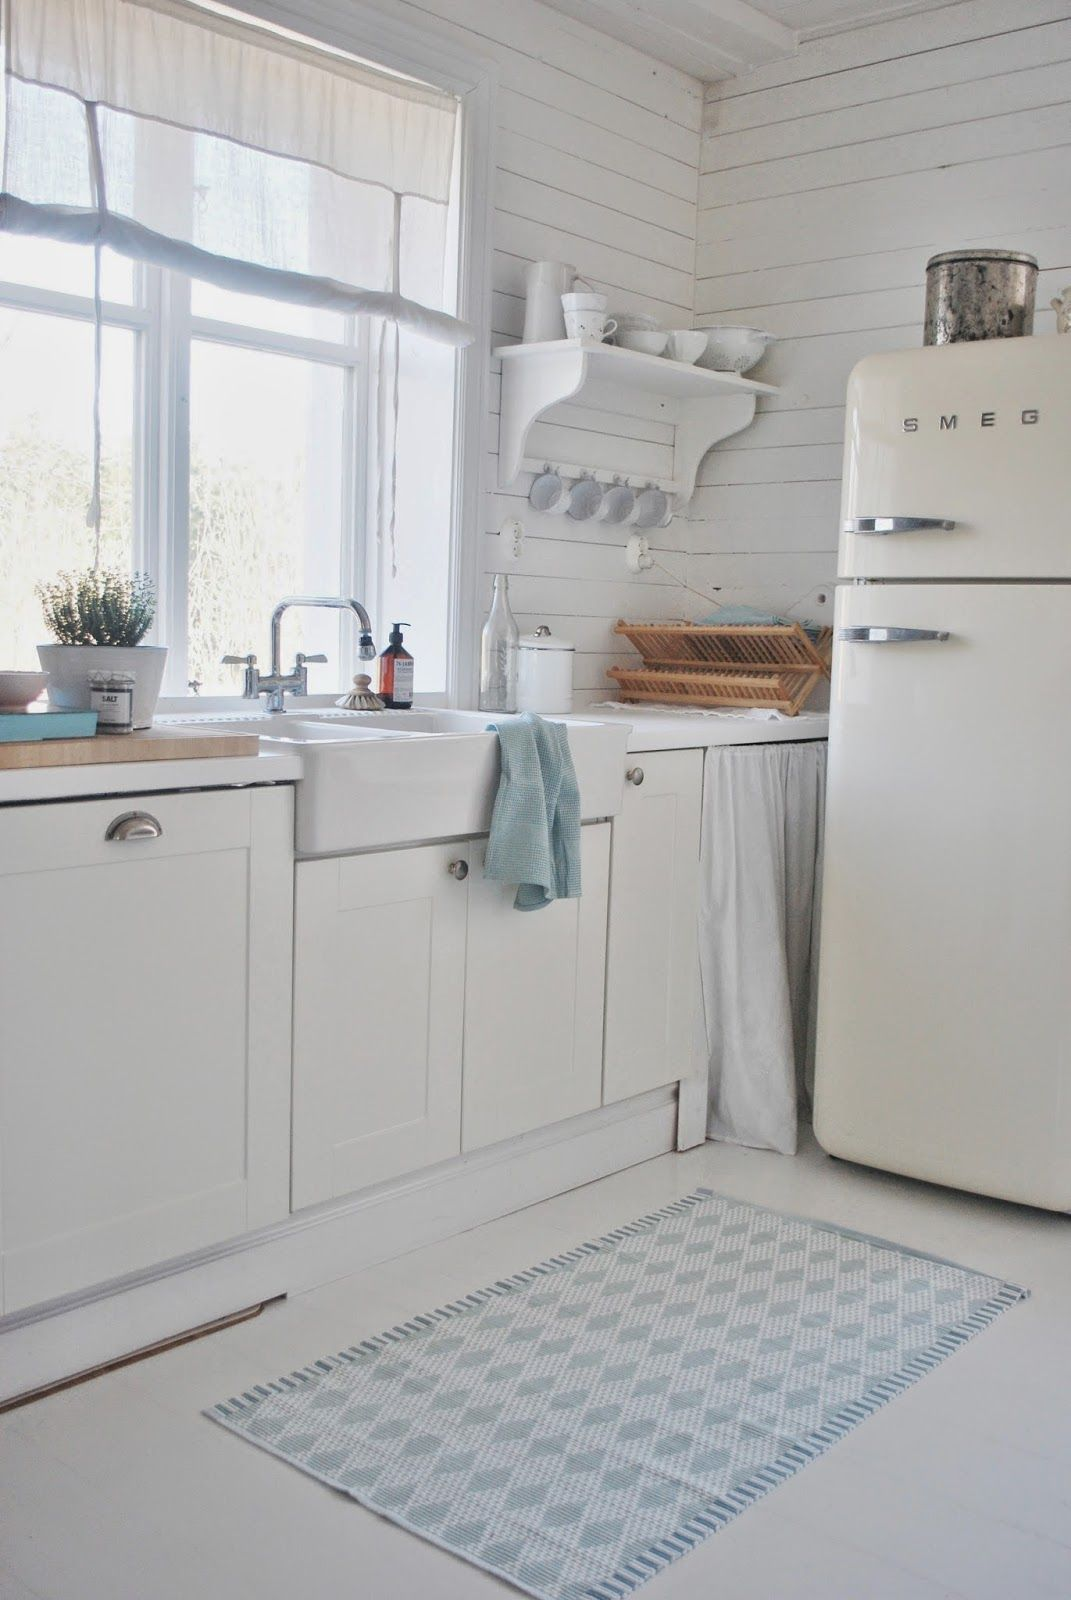 einfach friedlich teppich vor der sp le sinnvoll homestyle pinterest haus k chenm bel. Black Bedroom Furniture Sets. Home Design Ideas